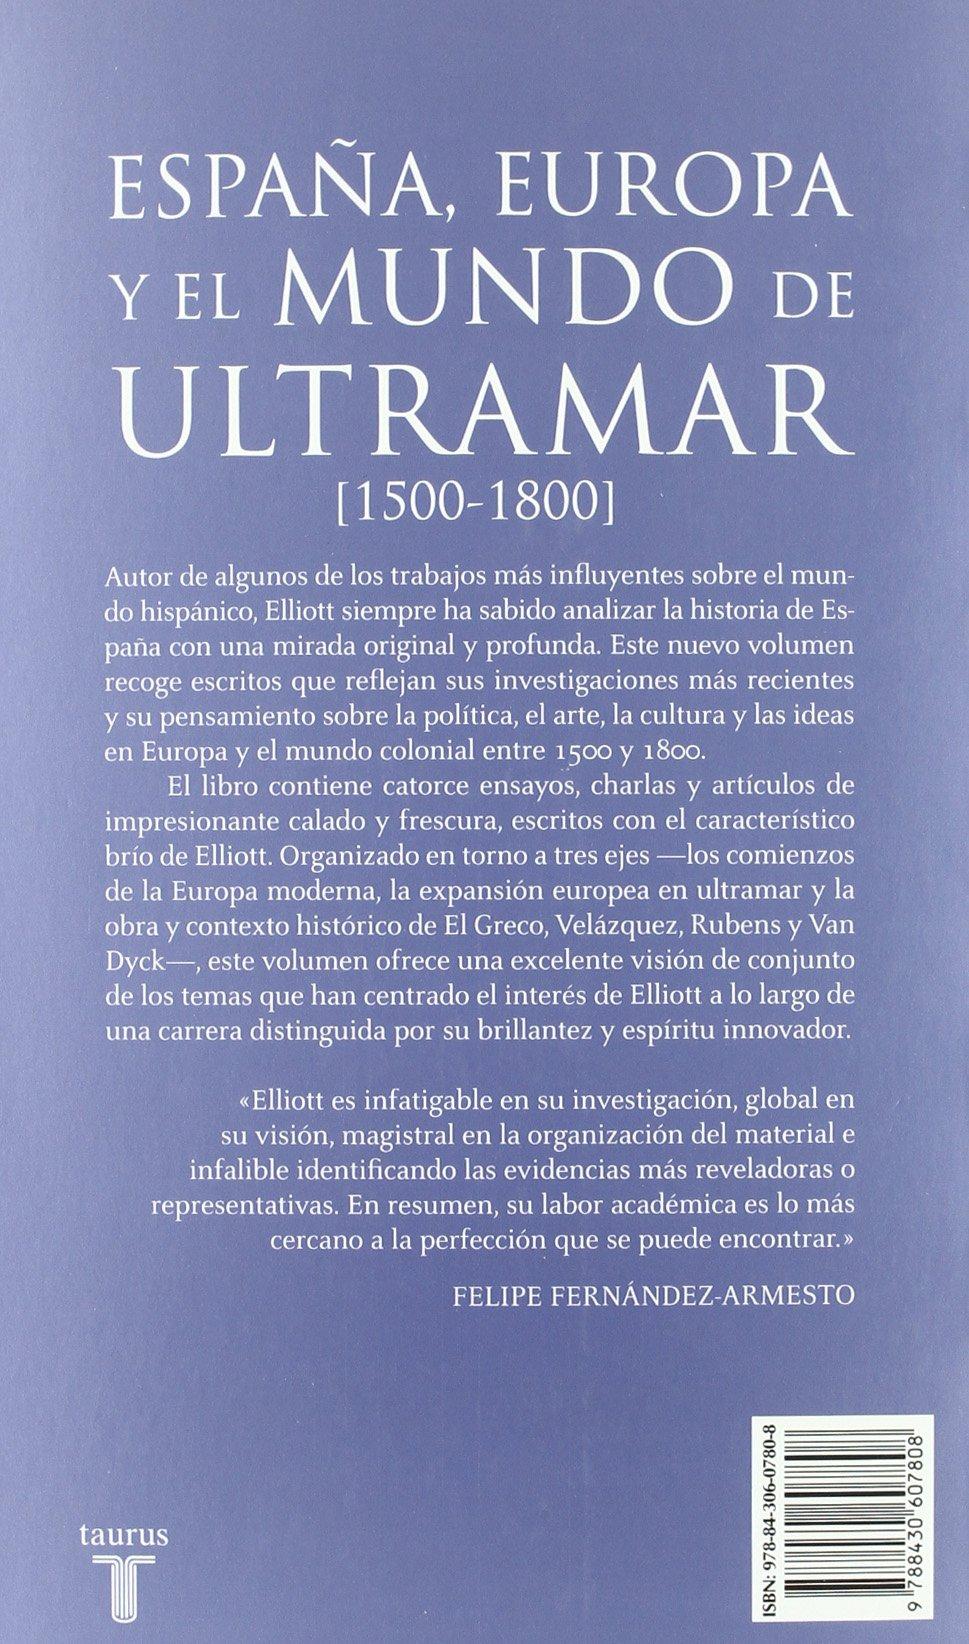 España, Europa y el mundo de ultramar 1500-1800 Historia: Amazon.es: Elliott, John H.: Libros